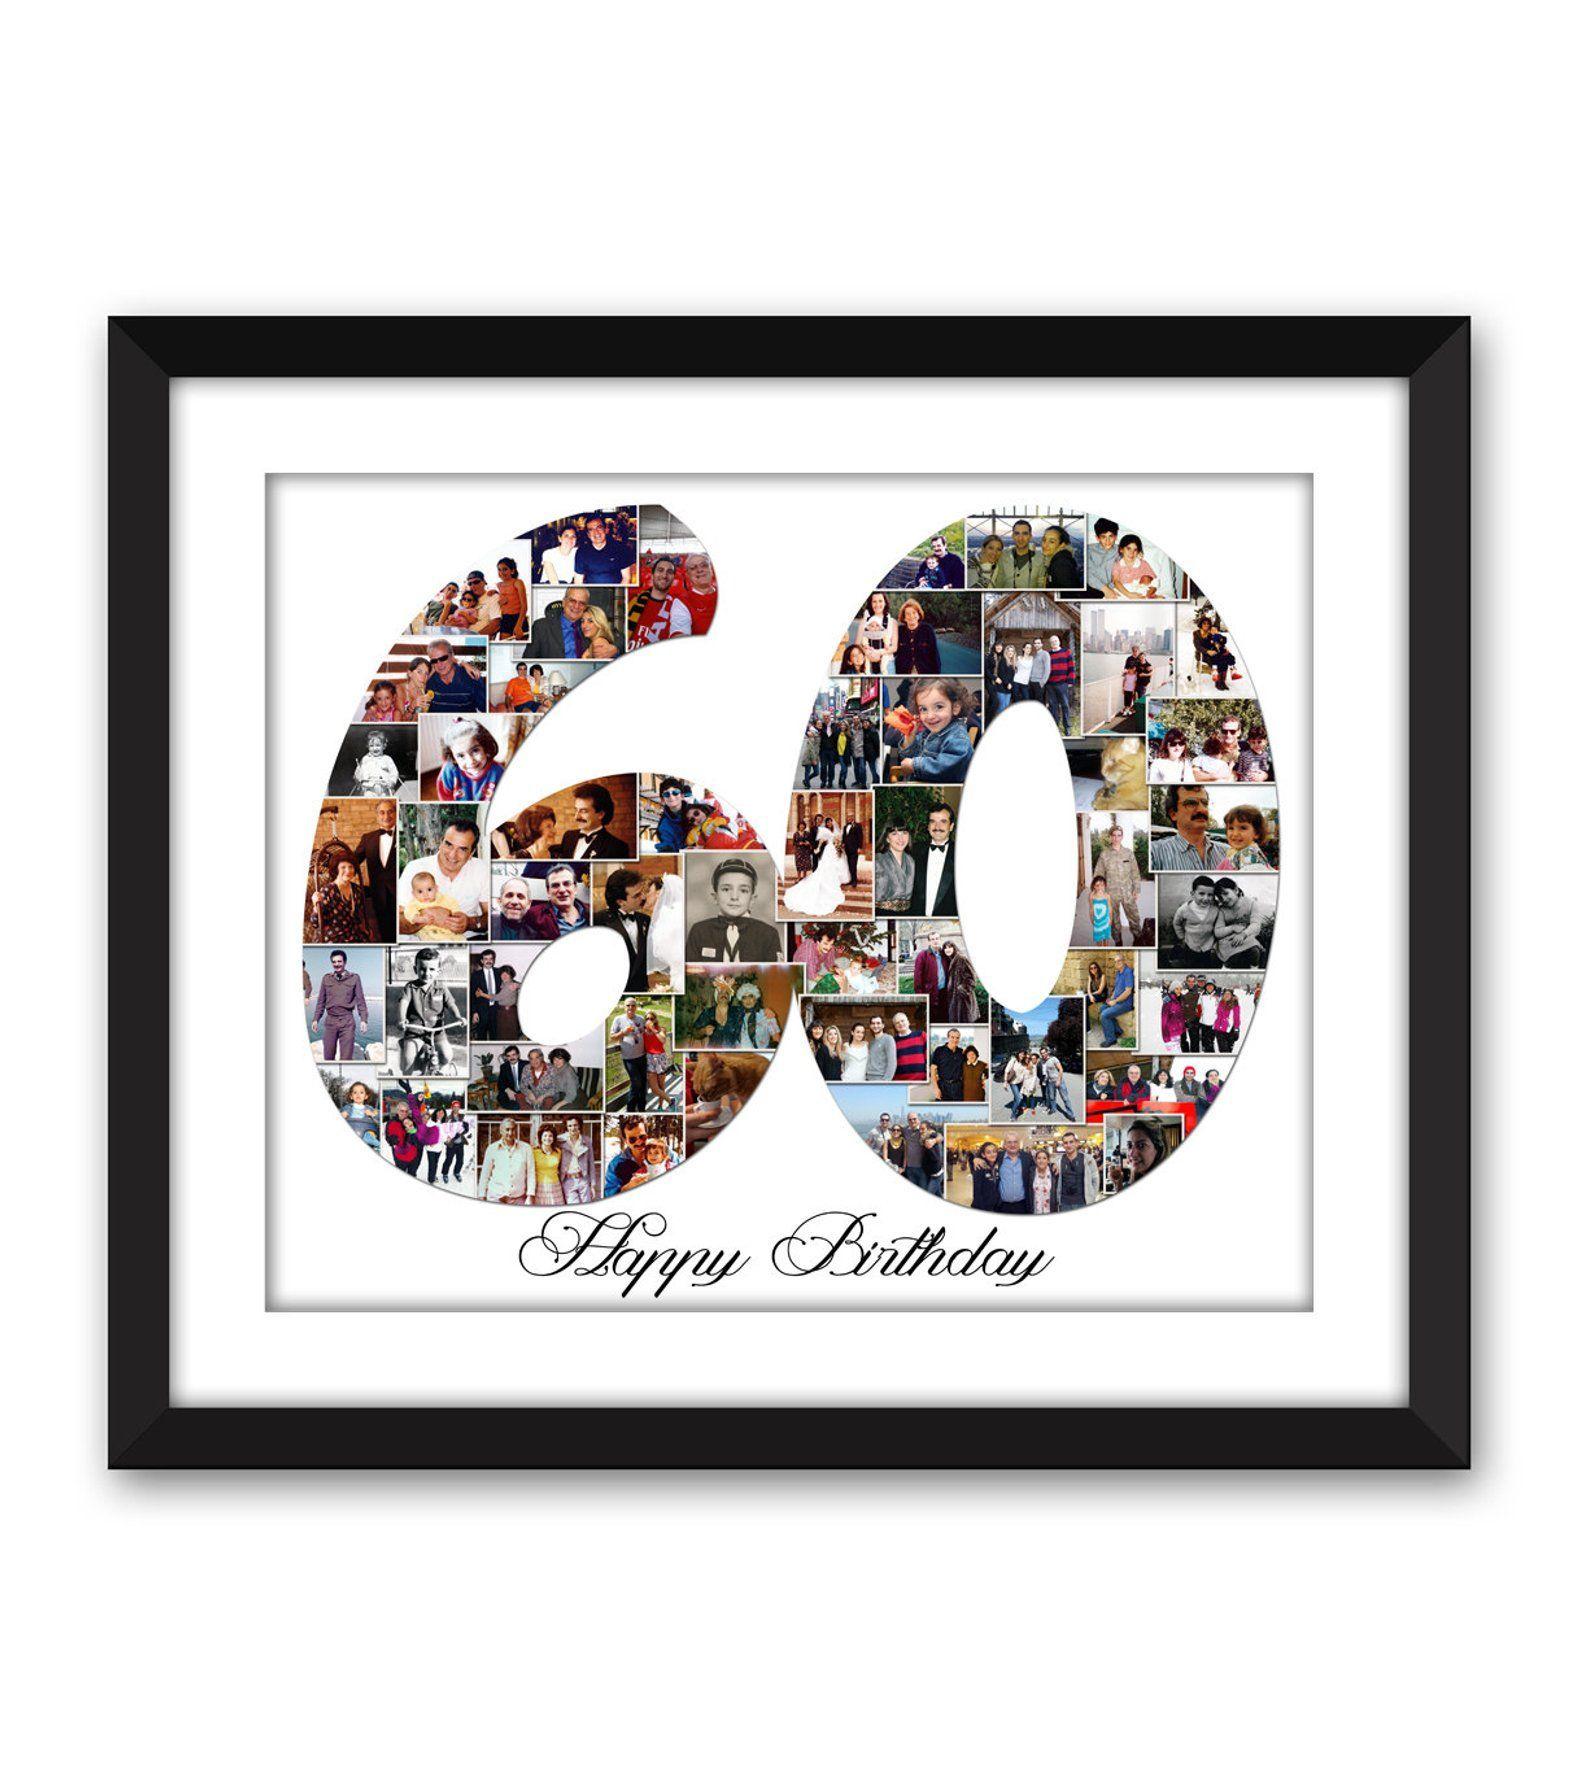 Sechzig 60 sechzigsten vierzig 40 vierzig vierzig vierzig dreißig 30 einundzwanzig 21 Jahrestag Geburtstag Digital druckbare Benutzerdefinierte 1 oder 2 ziffern Zahl Foto Collage#benutzerdefinierte #collage #digital #dreißig #druckbare #einundzwanzig #foto #geburtstag #jahrestag #oder #sechzig #sechzigsten #vierzig #zahl #ziffern